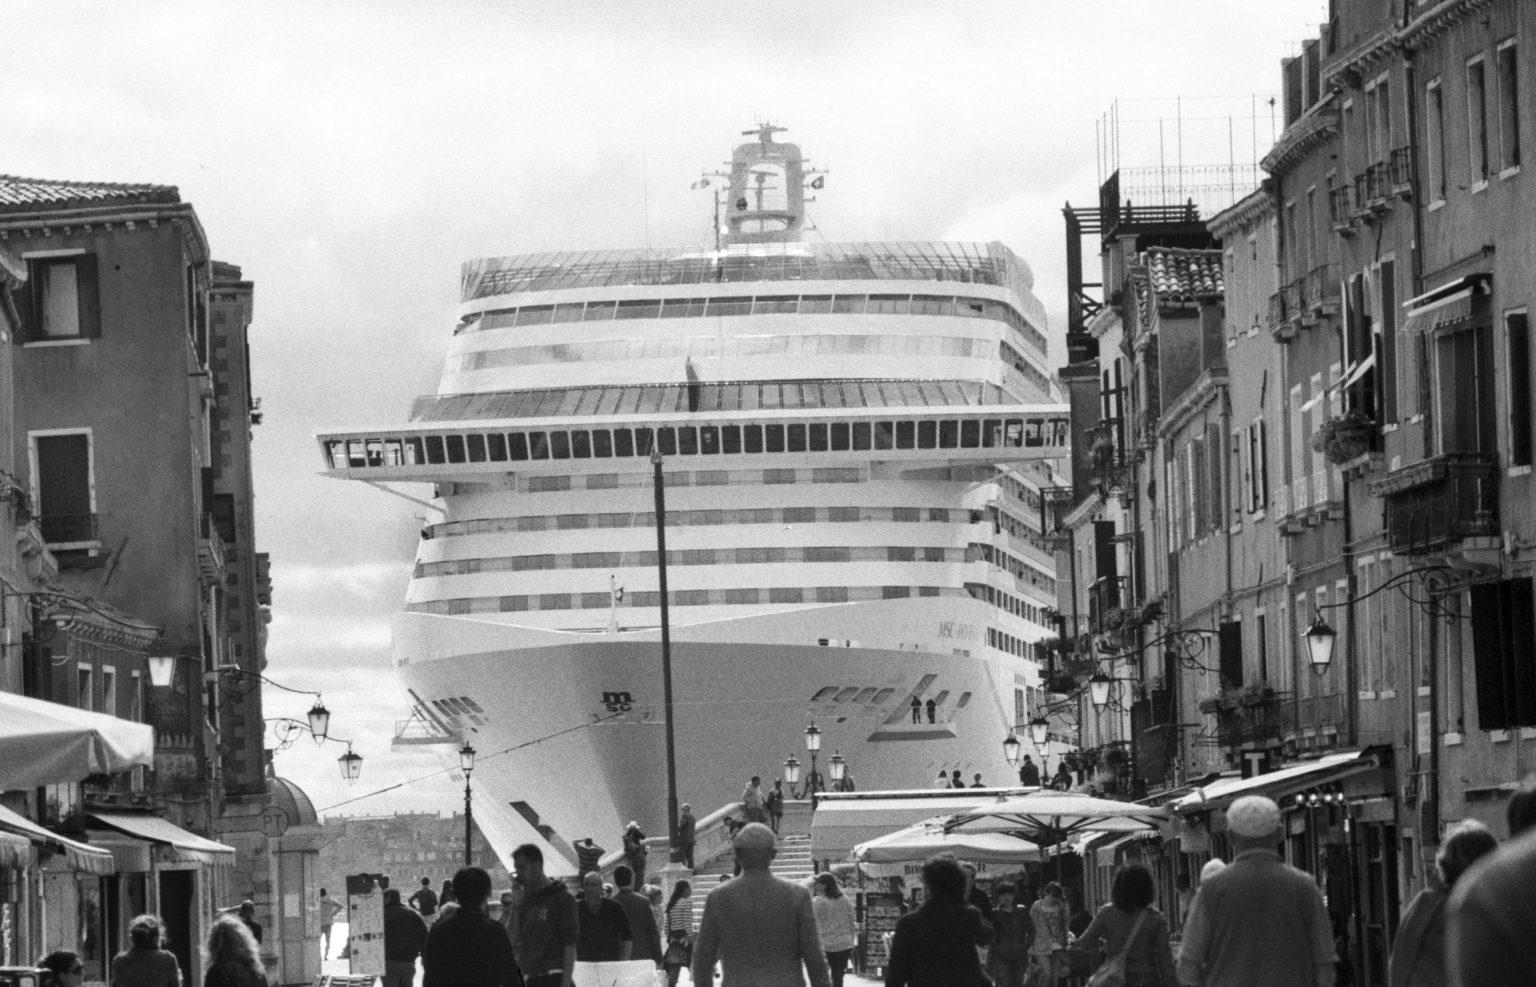 """Venice, April 2013 - Big cruise liners invade the city - MSC Divina cruise ship passing by the old town ><  Venezia, aprile 2013 - Le grandi navi da crociera invadono la città - La MSC Divina passa davanti al centro storico<p><span style=""""color: #ff0000""""><strong>*** SPECIAL   FEE   APPLIES ***</strong></span></p>*** SPECIAL   FEE   APPLIES *** *** Local Caption *** 00473488"""